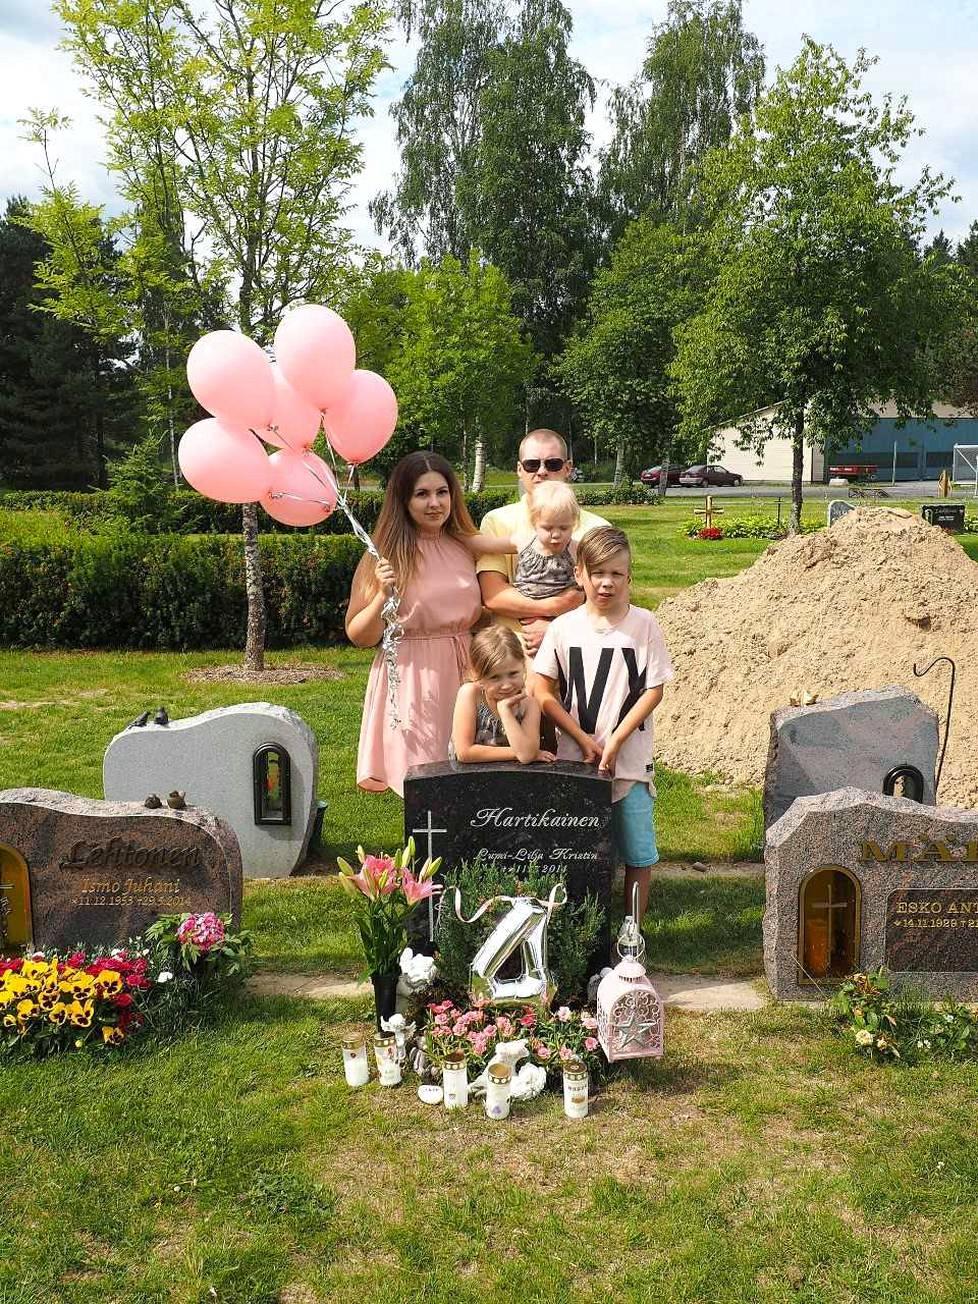 Hartikaiset vievät vauvan haudalle kynttilöitä, joita perheen pienimmät koristelevat tarroilla. Kun perhe valitsee hautakukkia, he pohtivat, mistä tytär voisi pitää. Haudalle on viety valkoisia liljoja, joita ostetaan muinakin juhlapäivinä.